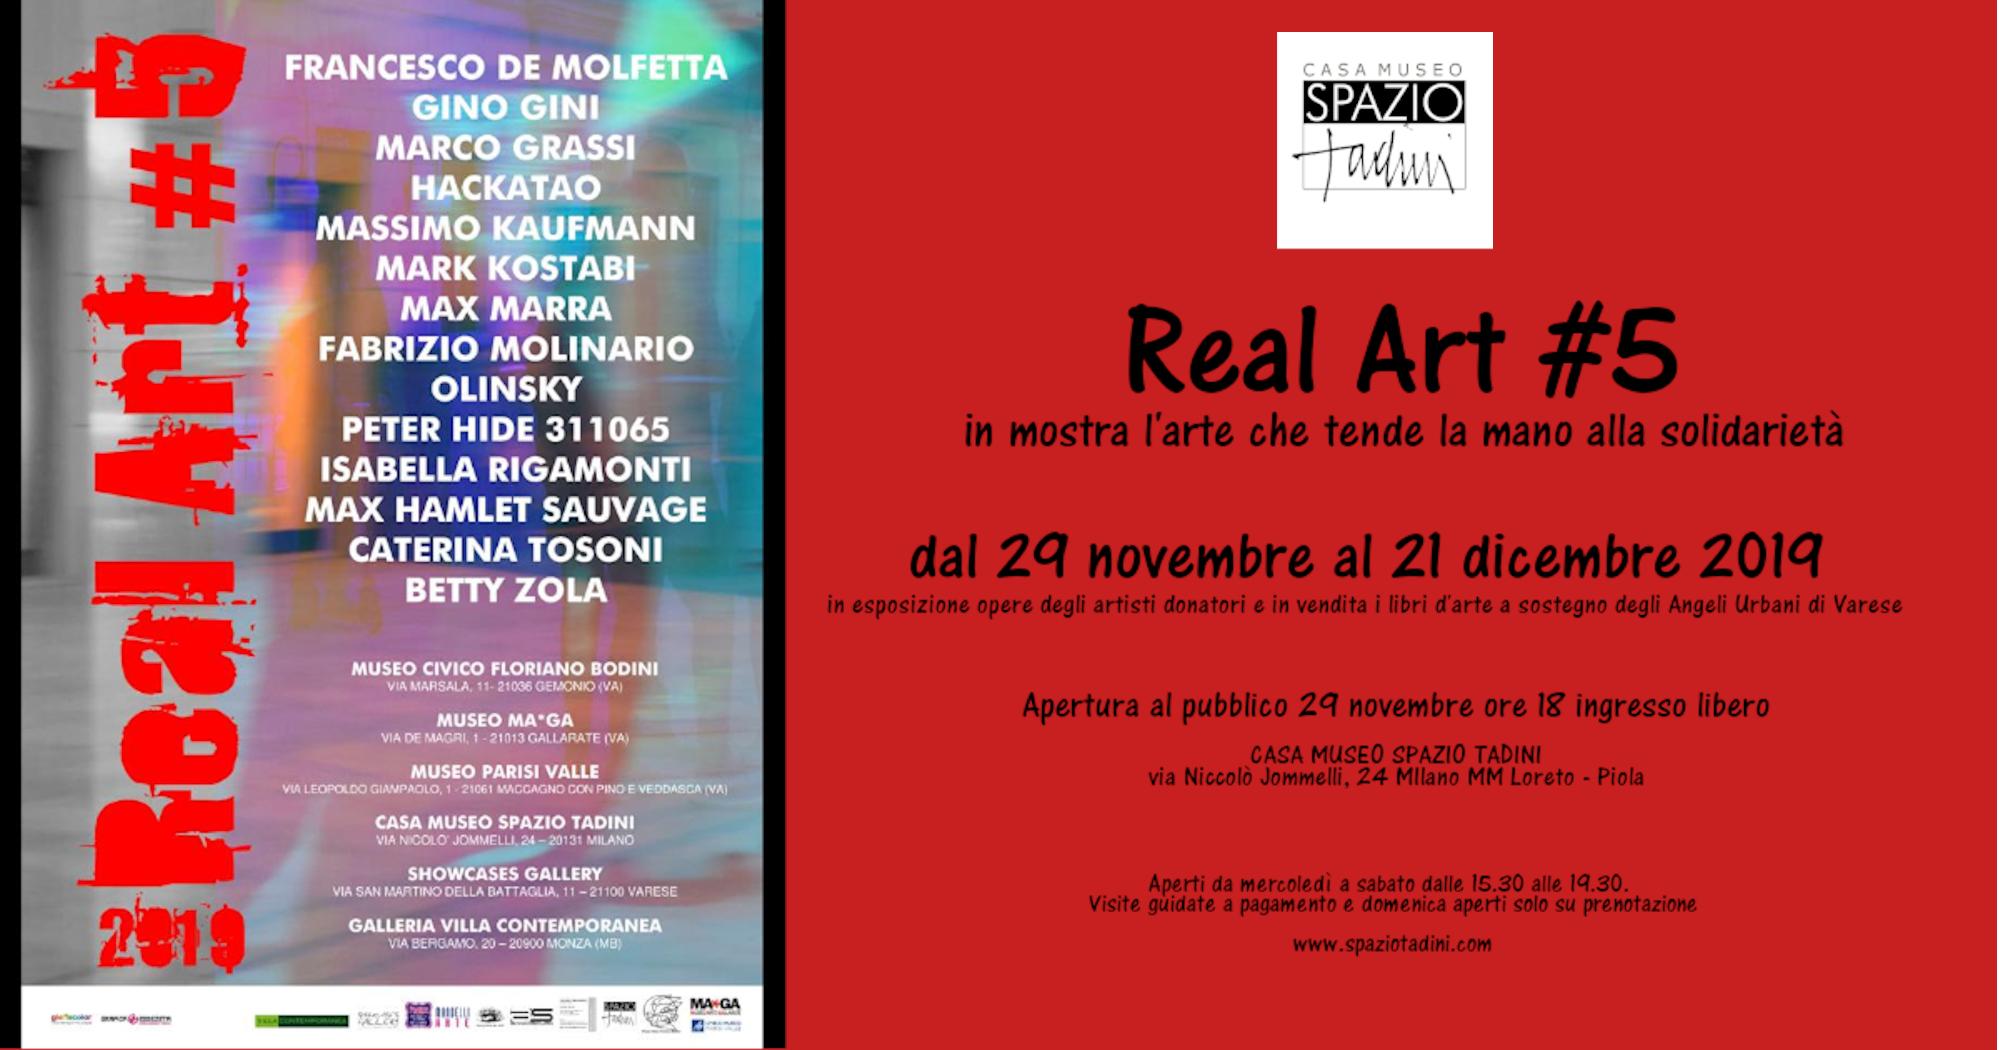 REAL ART: l'arte per la solidarieta'